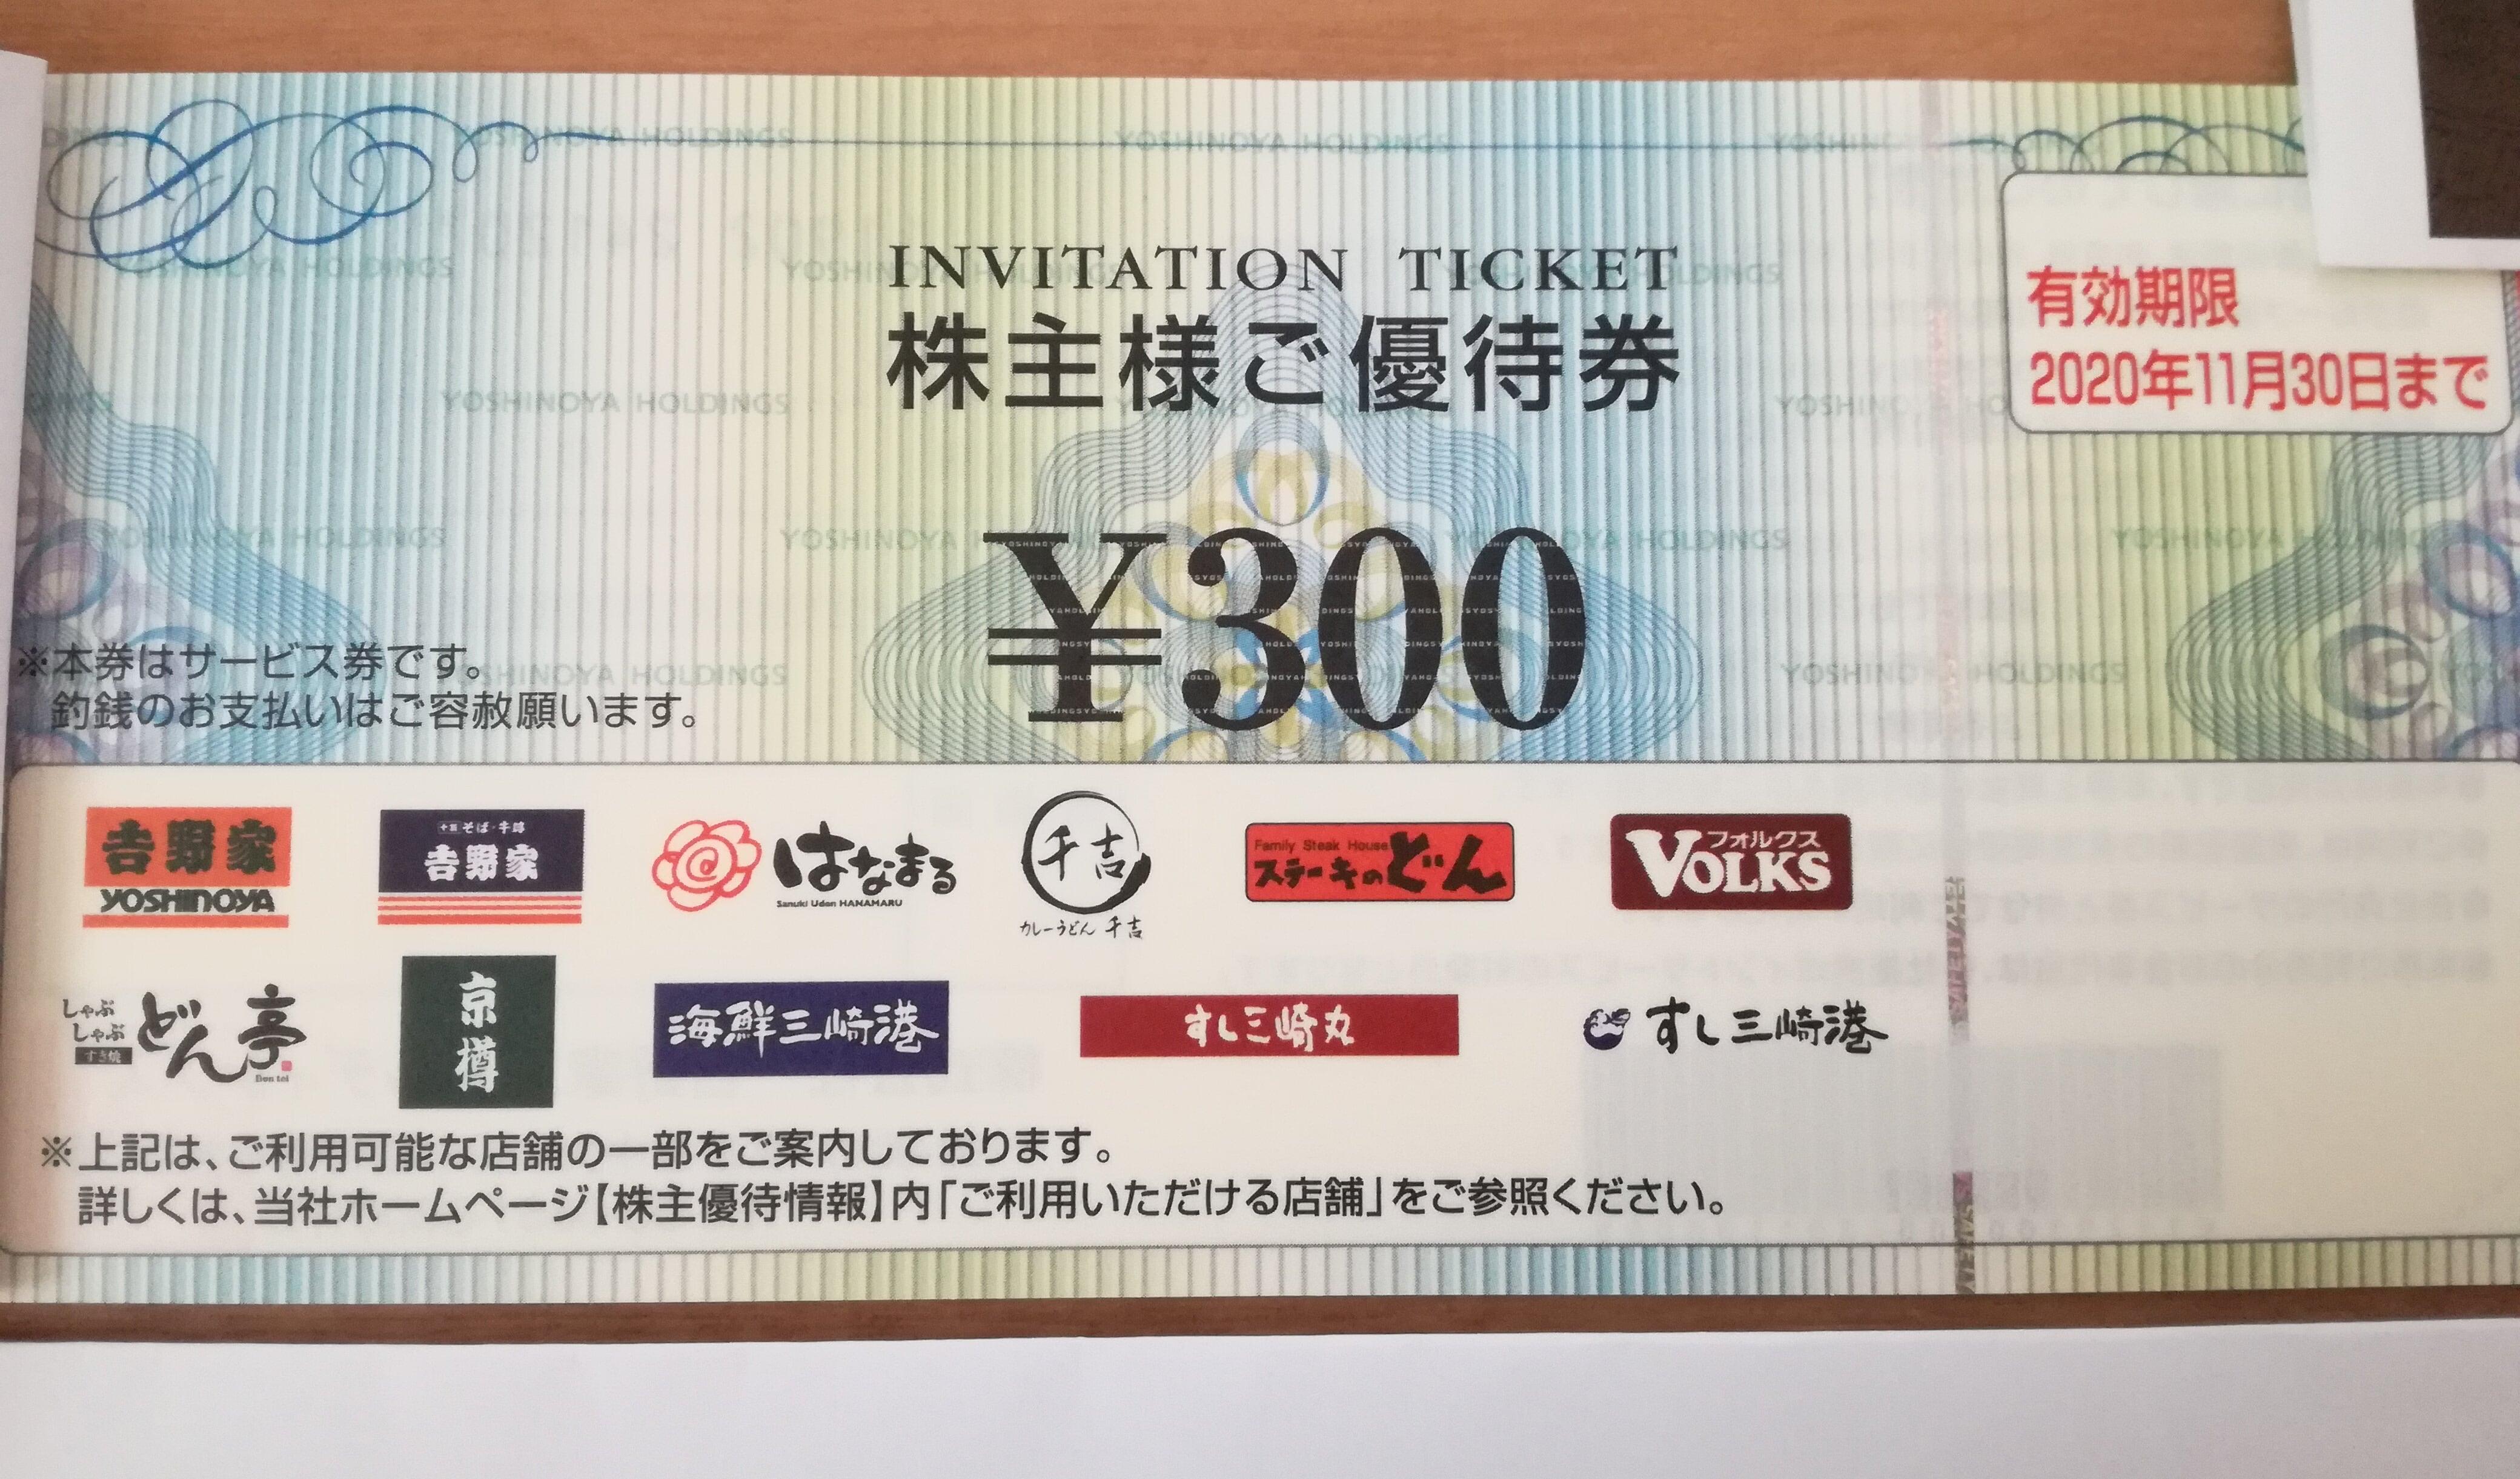 含み益16万円の吉野家ホールディングス(9861)の株主優待券到着!